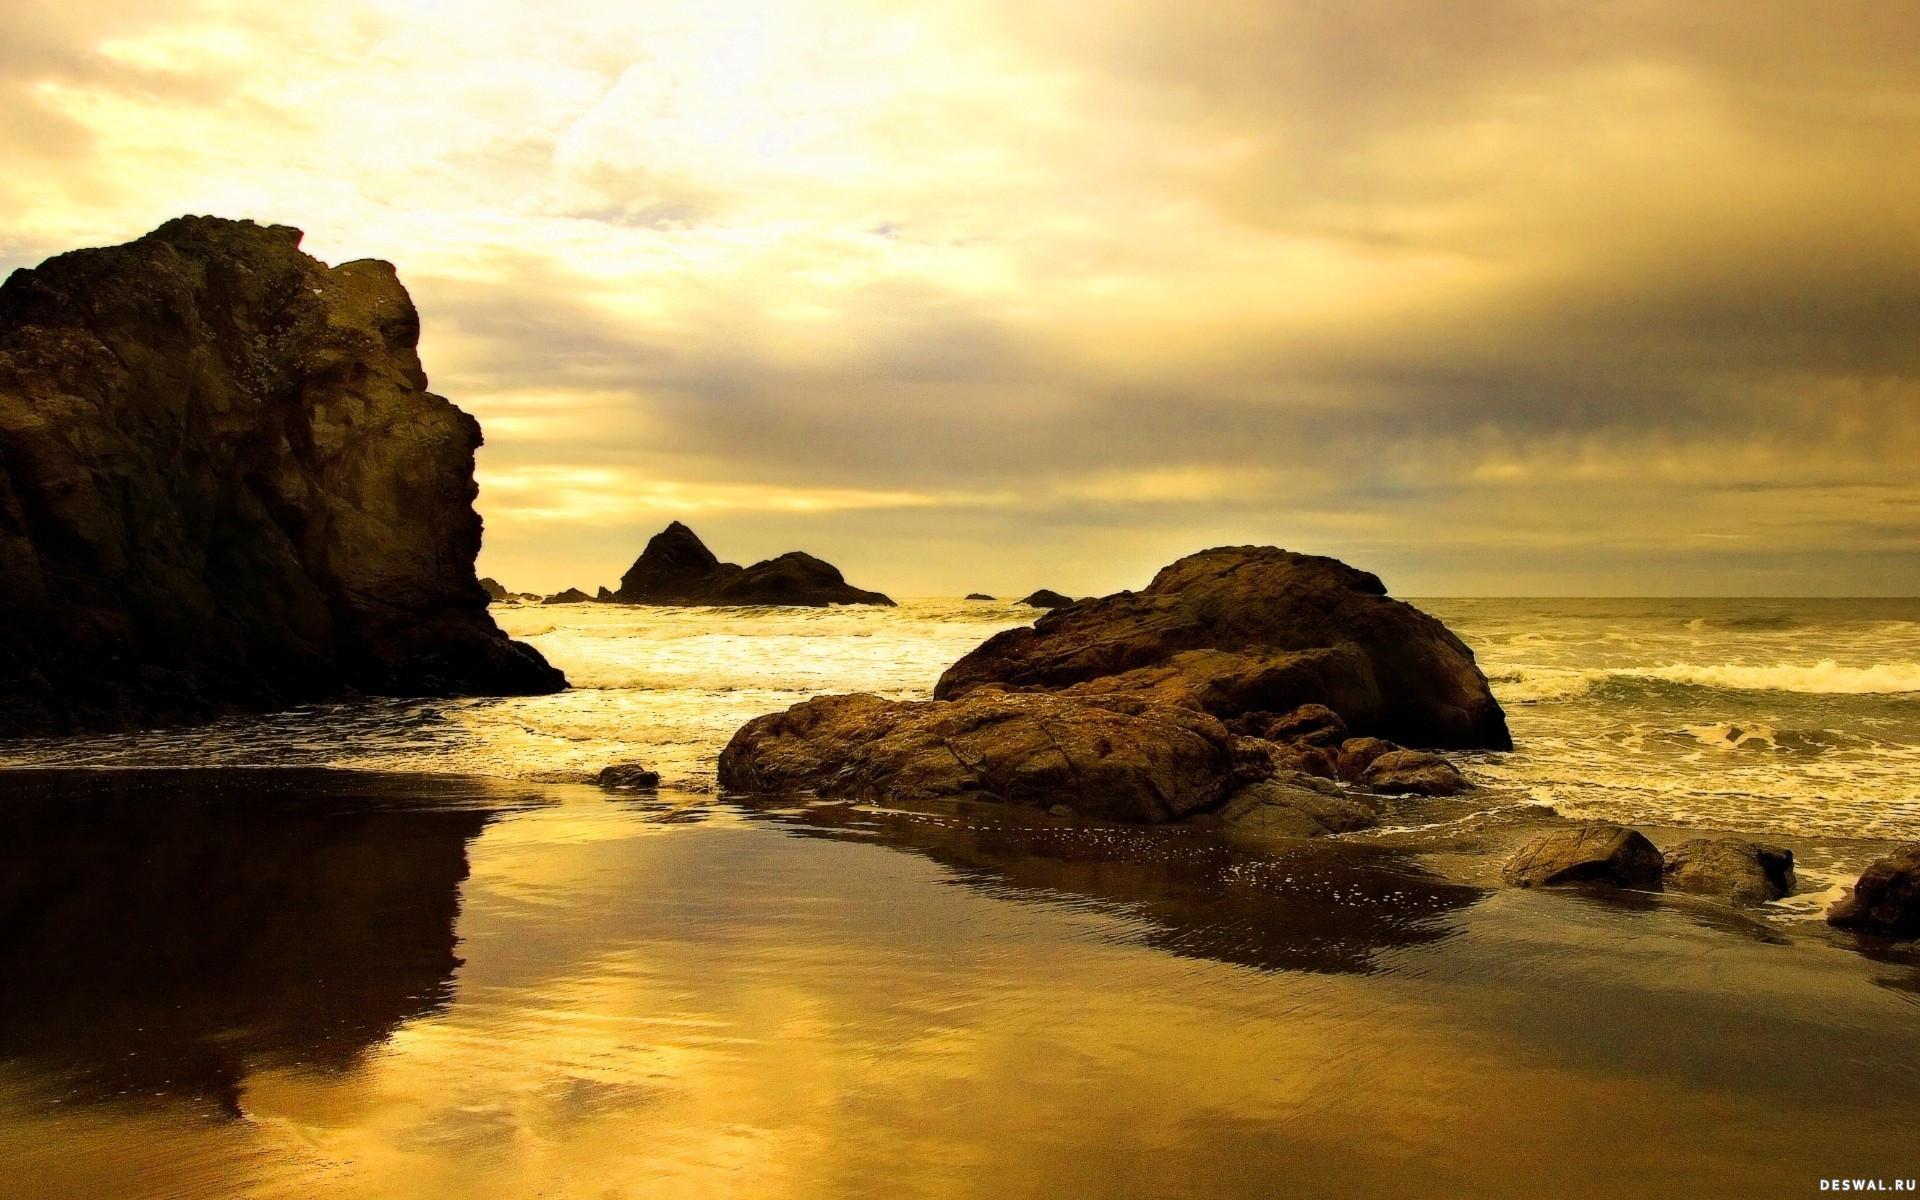 11260 скачать обои Пейзаж, Вода, Камни, Море, Пляж - заставки и картинки бесплатно